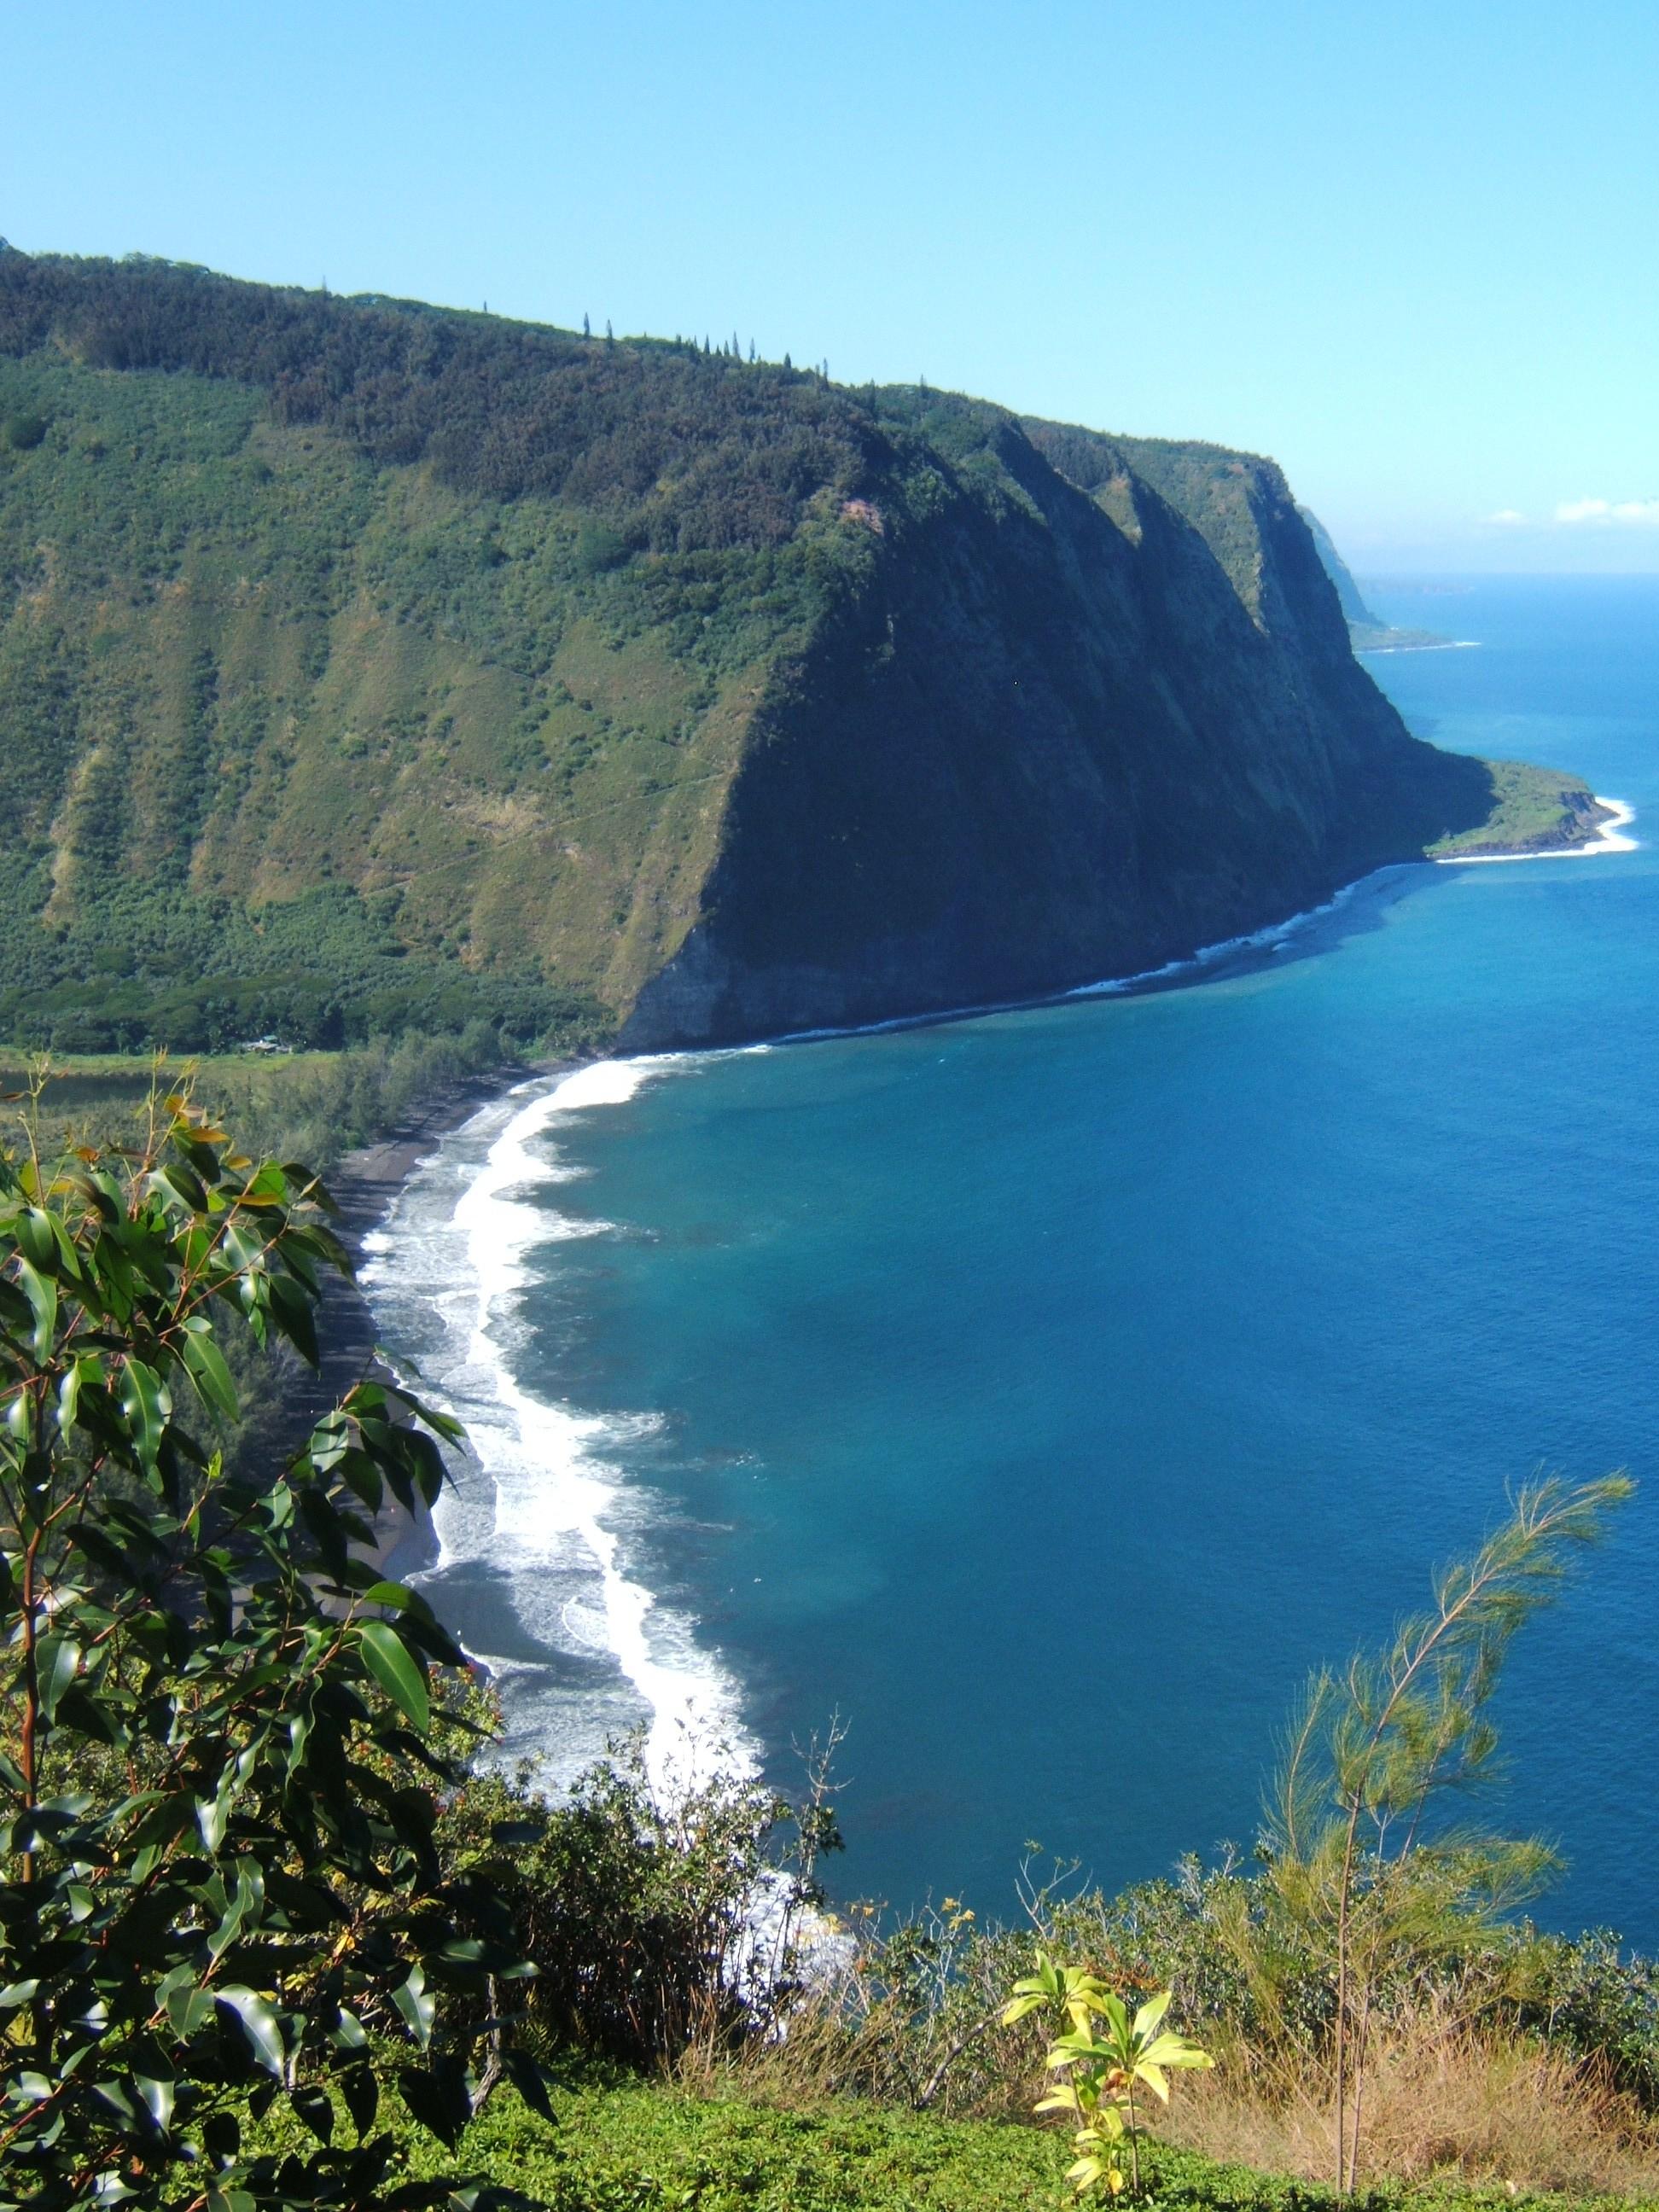 Waipiʻo Valley, Hawaiʻi. 2006.